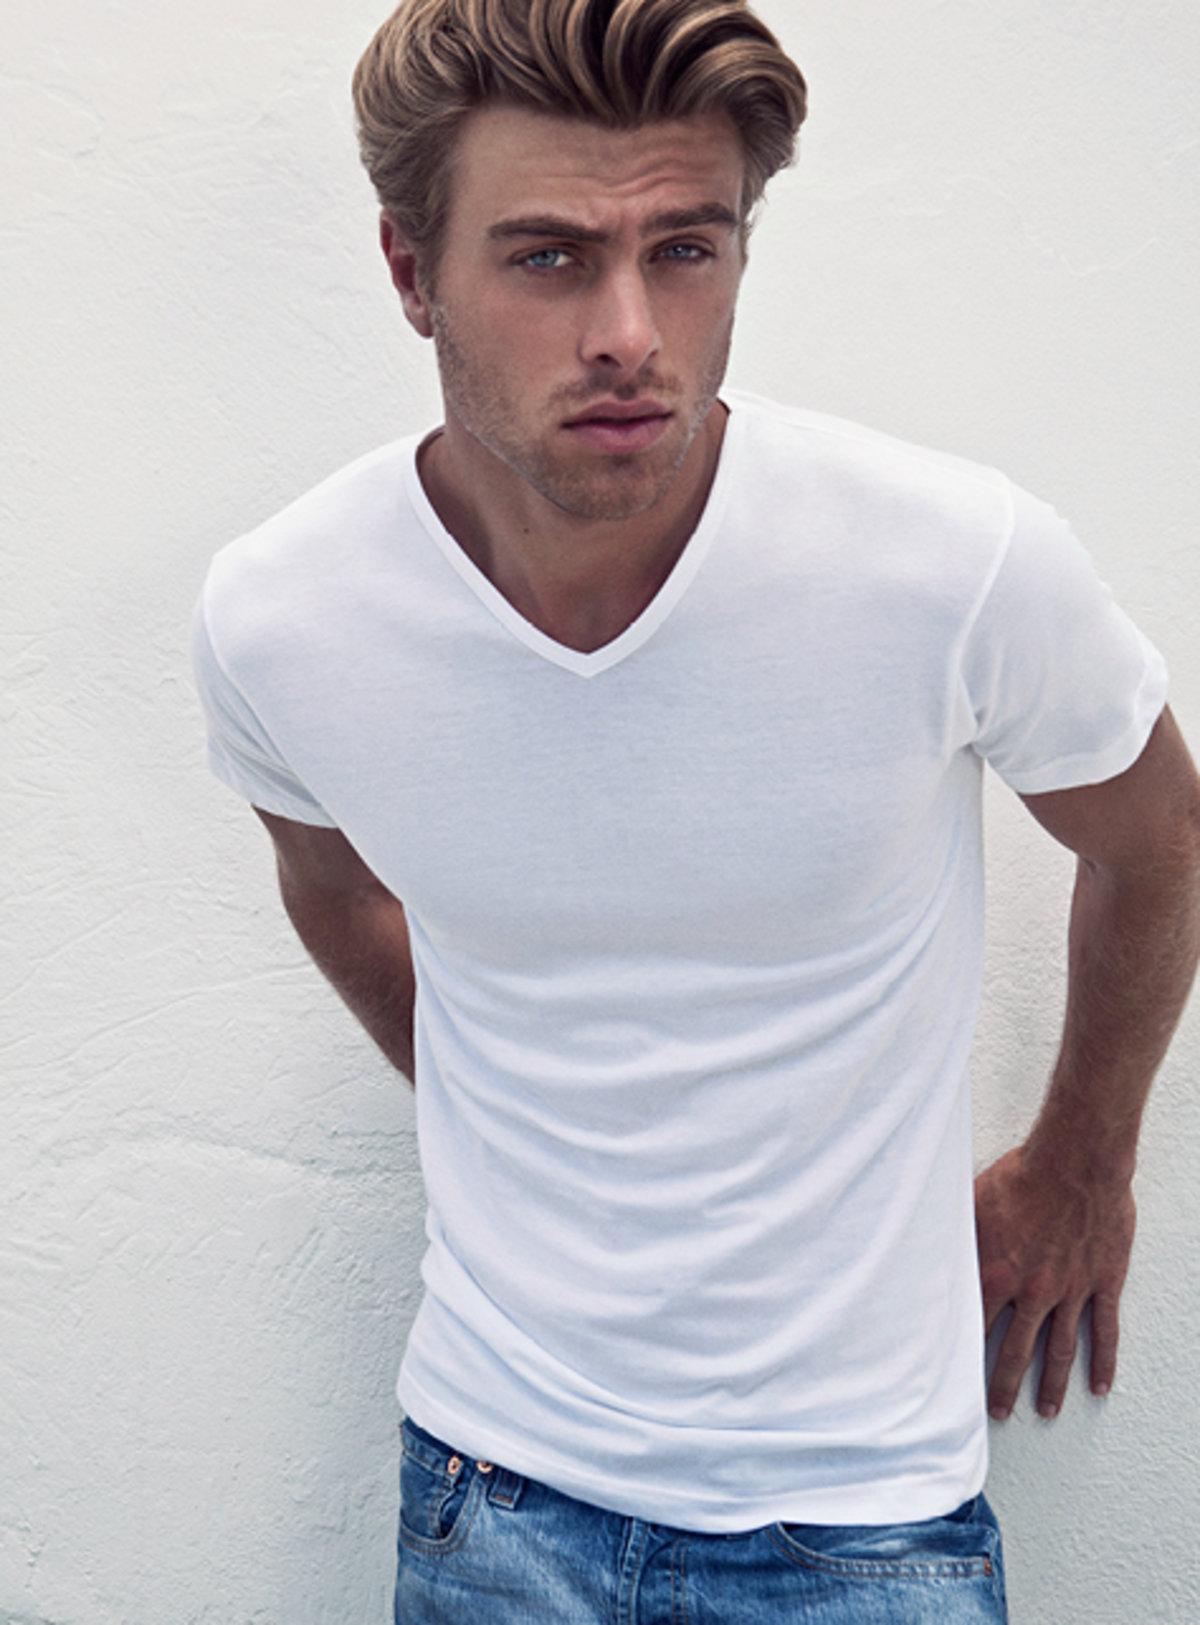 Man-of-the-World-herenkleding-broeken-shirt-overhemd-winkel-kledingwinkel-mannenmode-collectie-vestiging